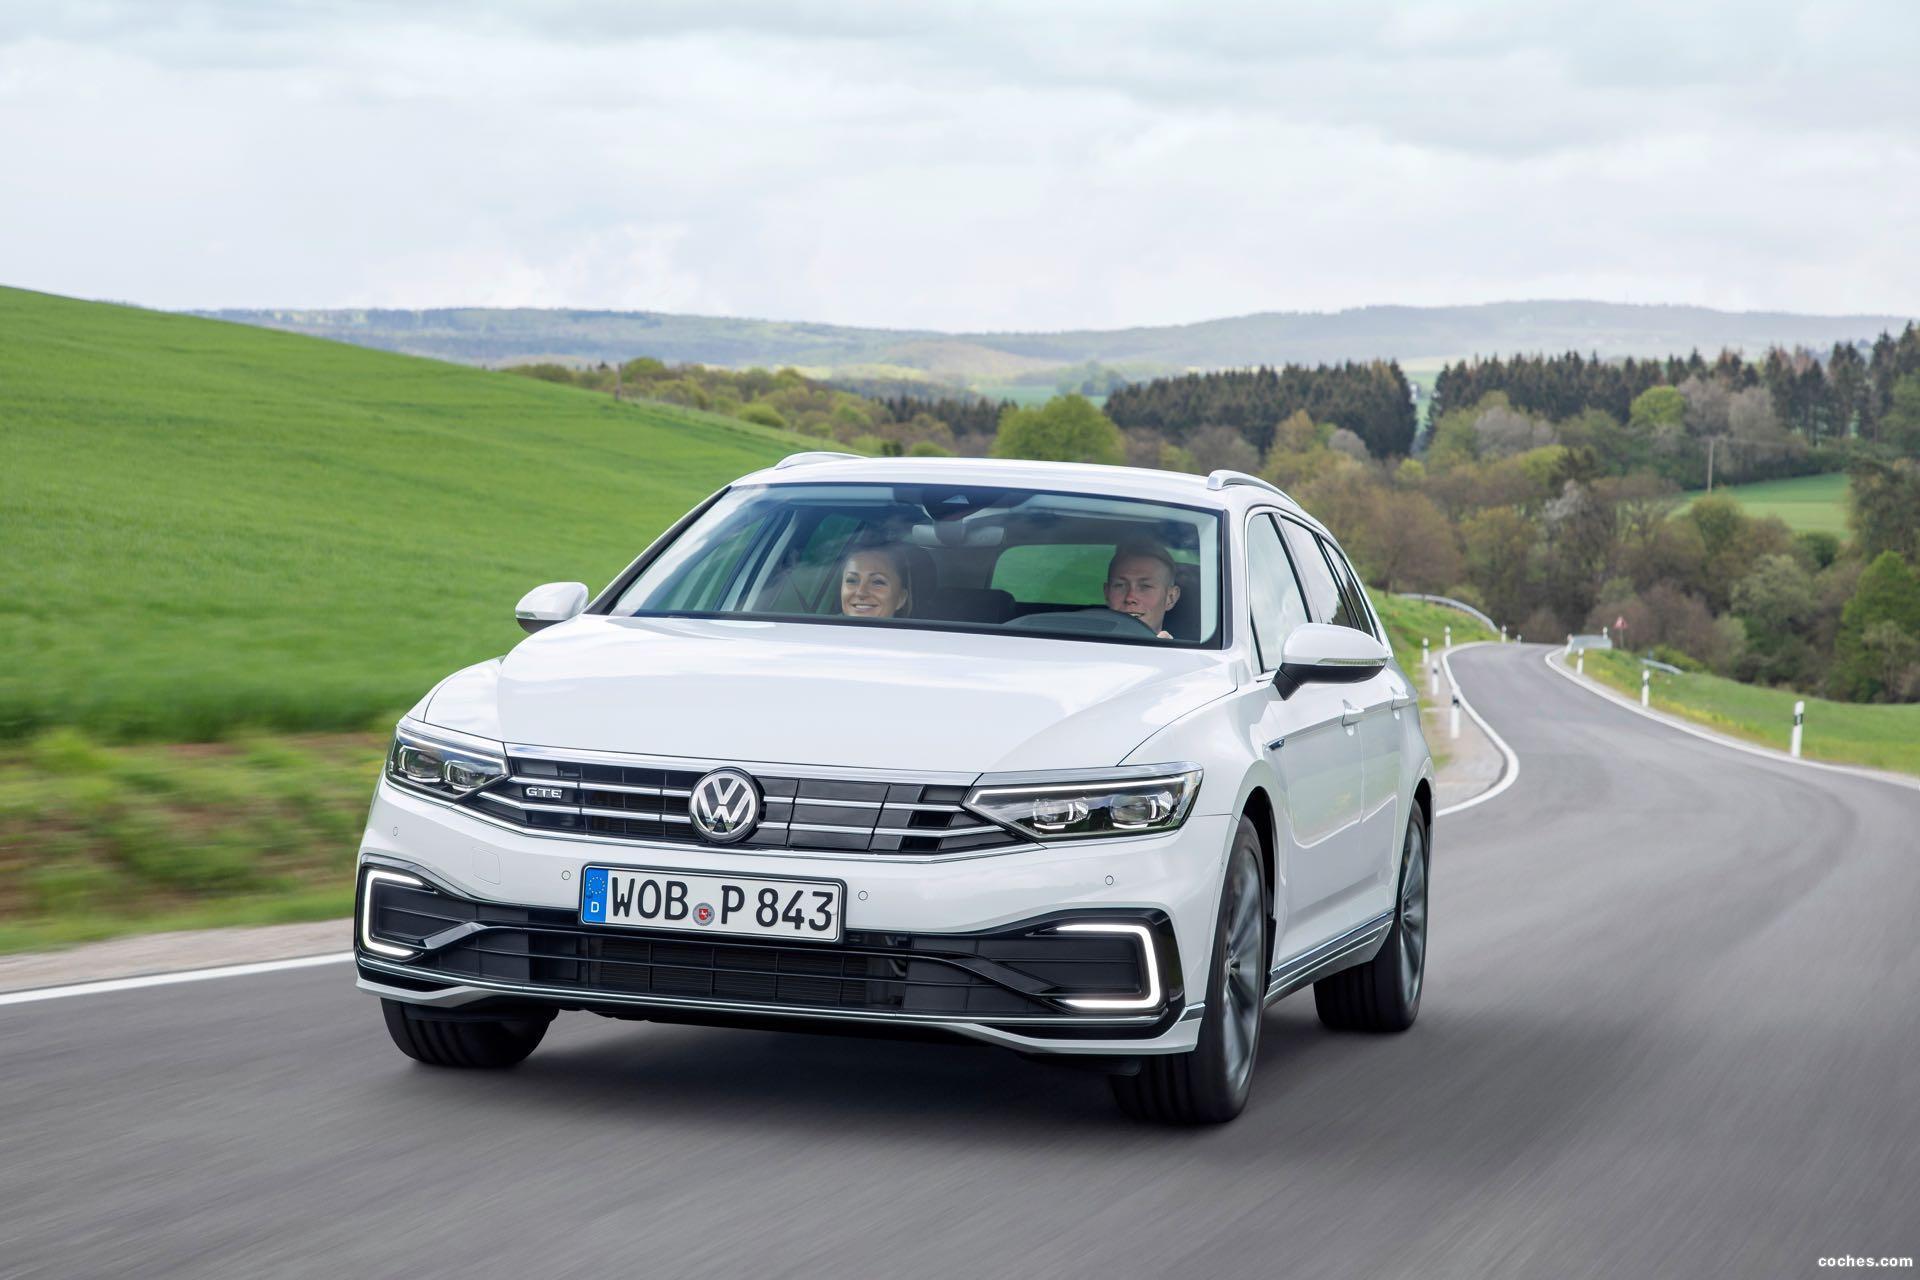 Foto 5 de Volkswagen Passat Variant GTE 2019